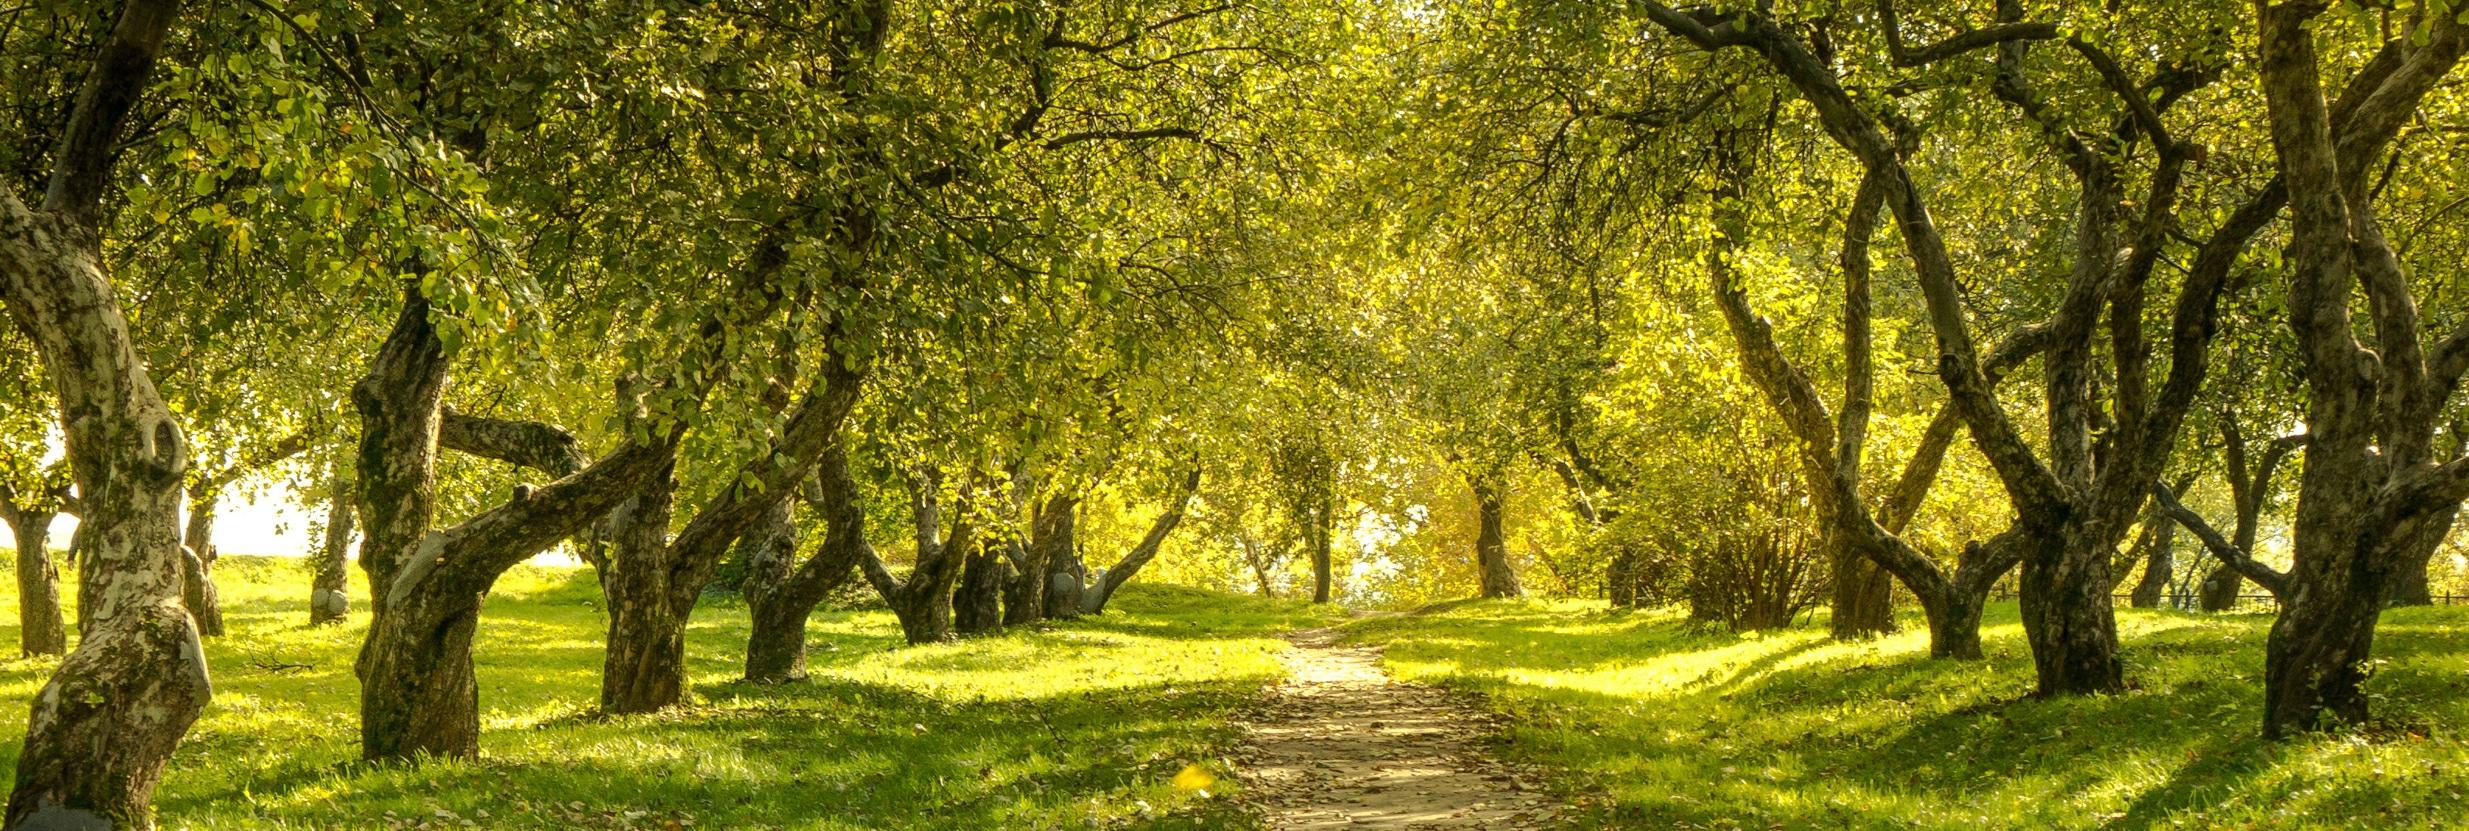 път из гората към вечността